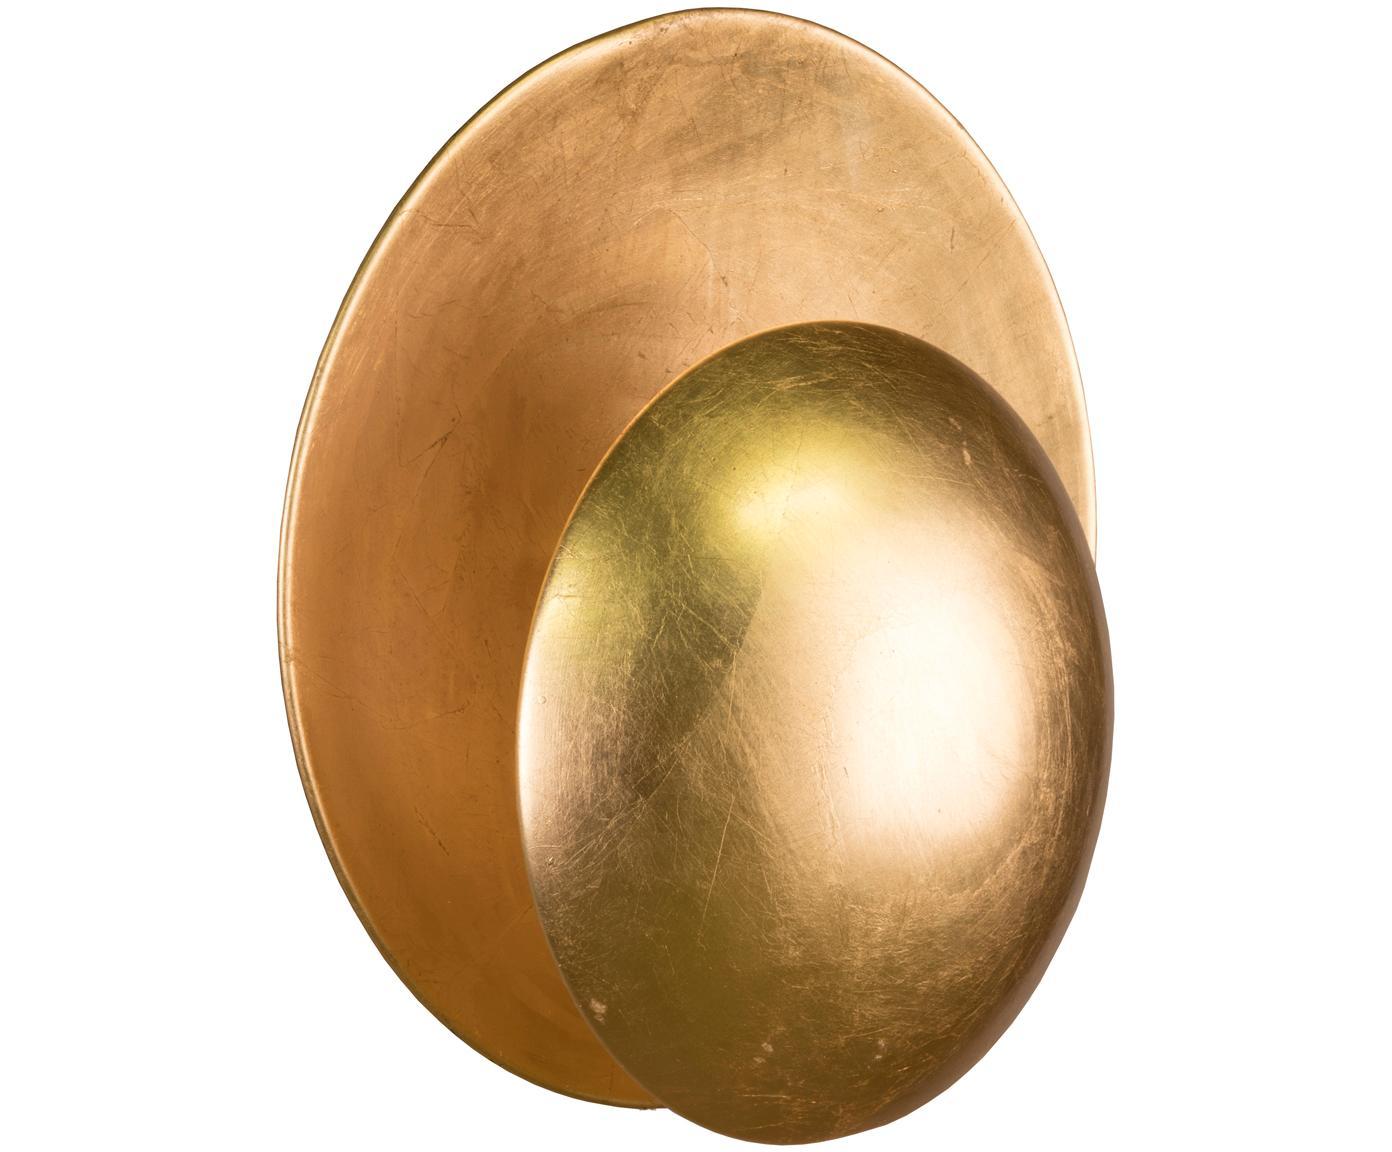 Kinkiet Orbit, Metal pokryty płatkami złota, Odcienie złotego, Ø 30 x G 15 cm